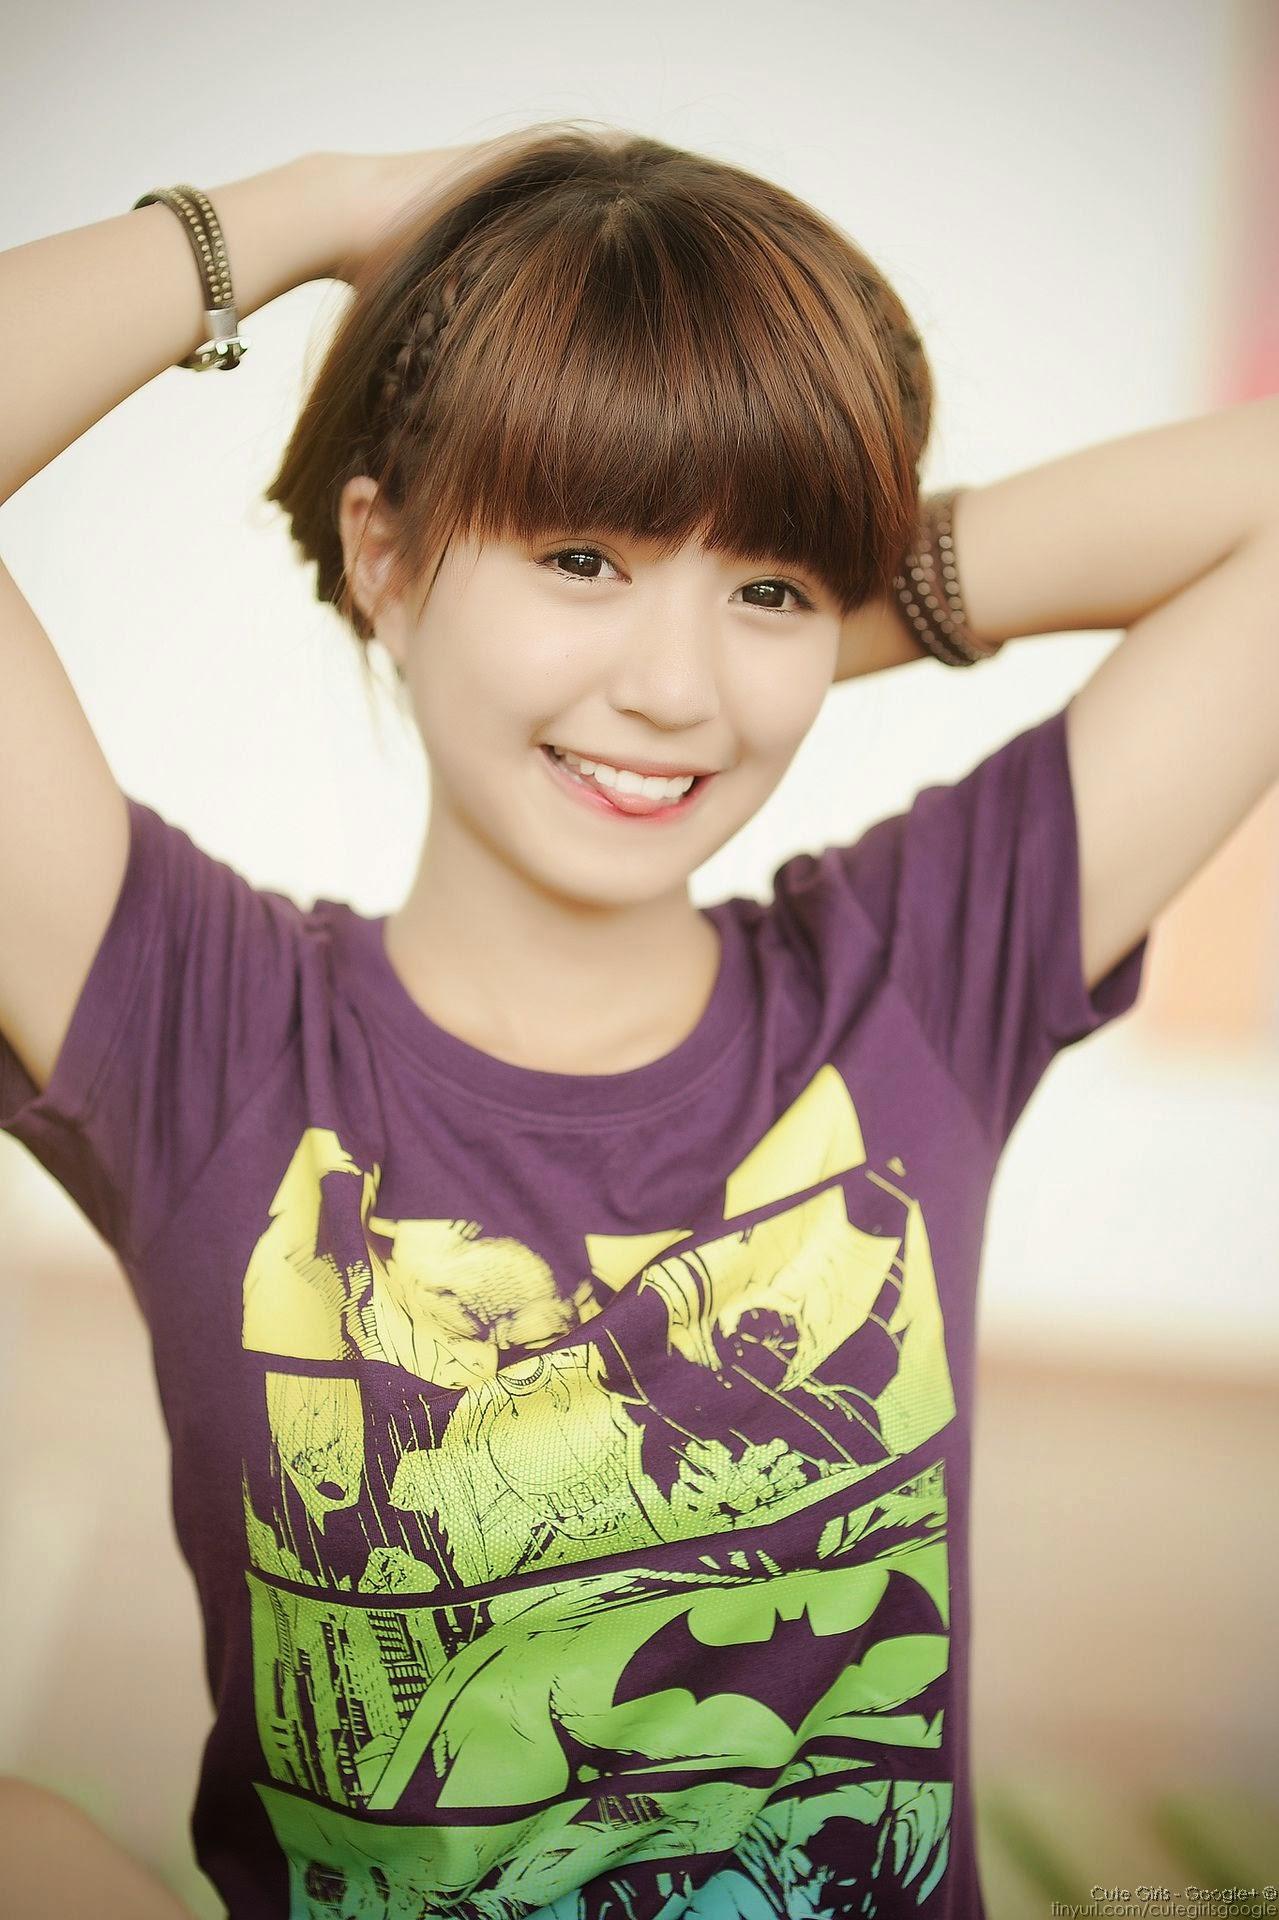 hinh-girl-xinh-de-thuong-lam-hinh-nen-dien-thoai-14